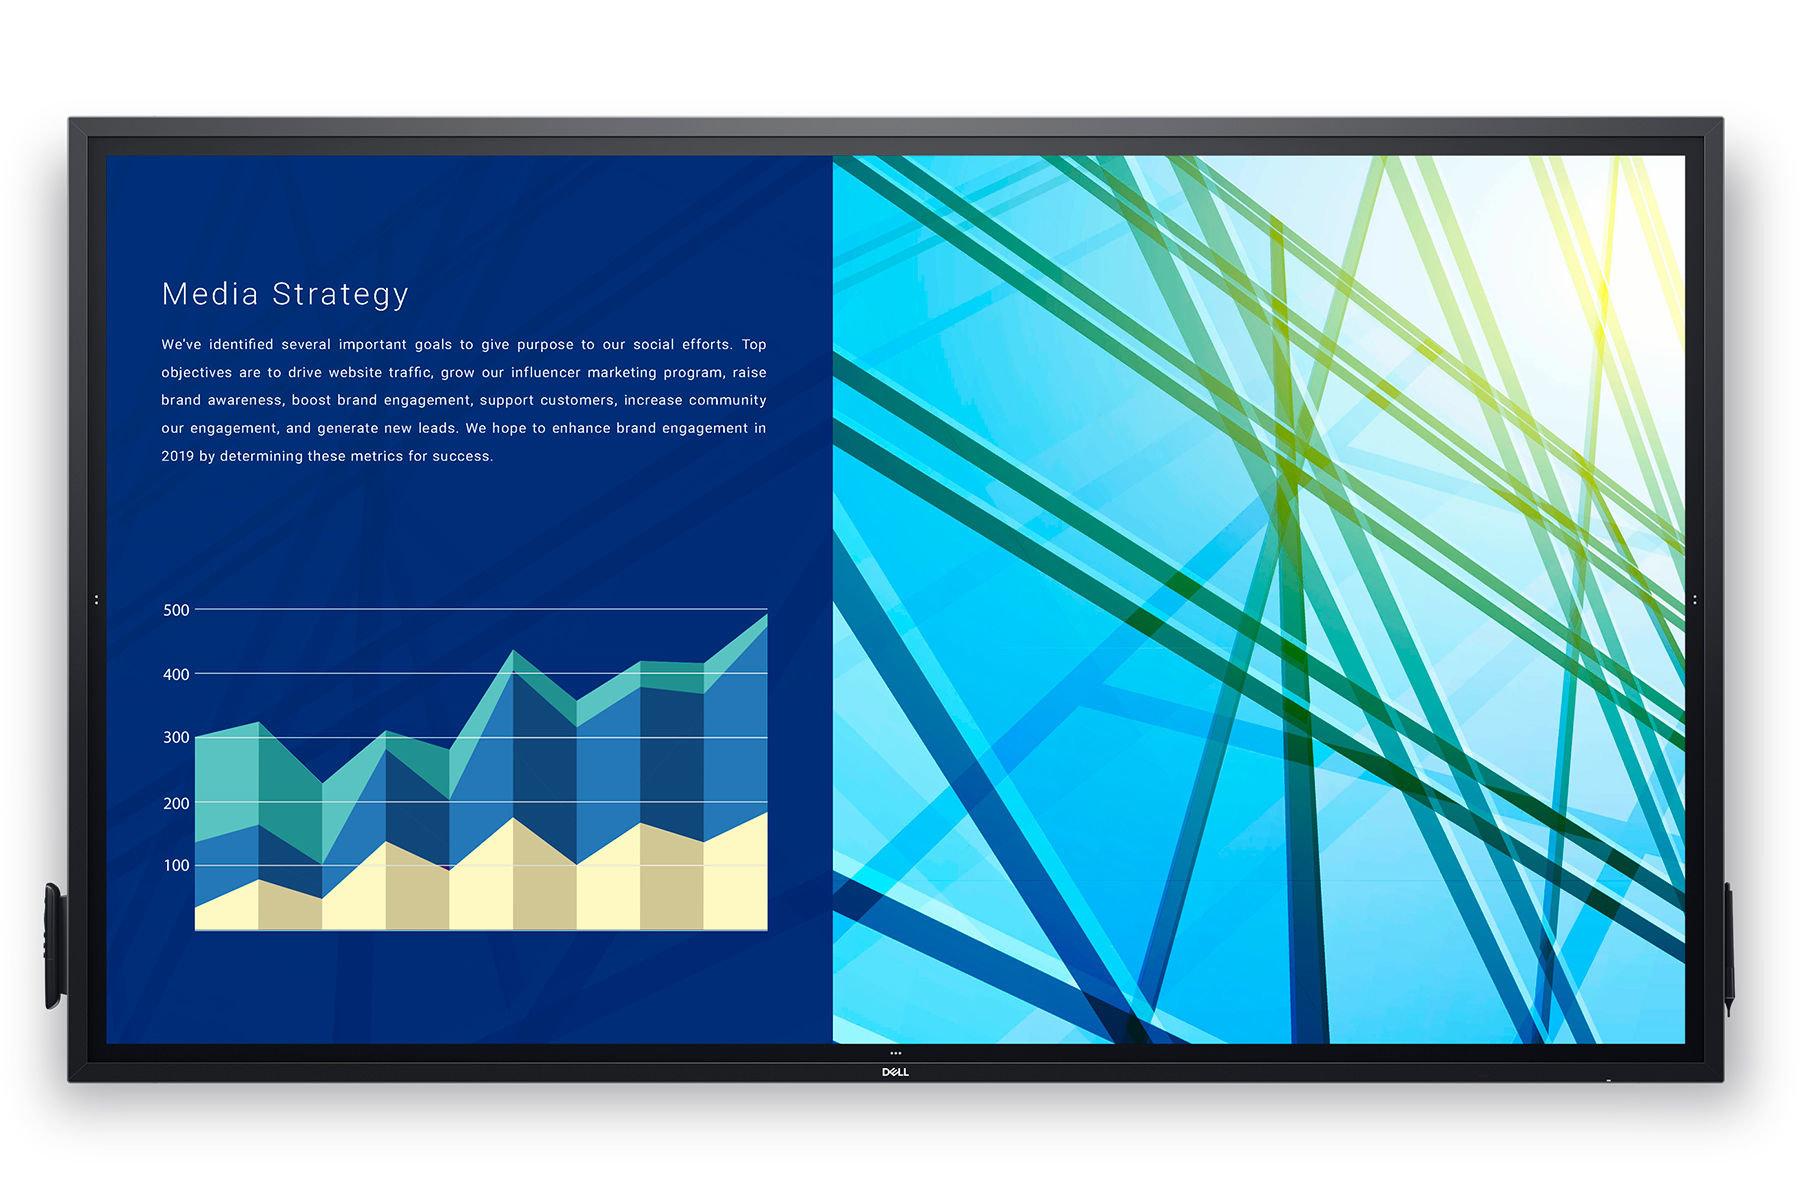 صورة Dell تكشف عن شاشة مكتبية مقاس 86 بوصة لقطاع الأعمال #CES2020